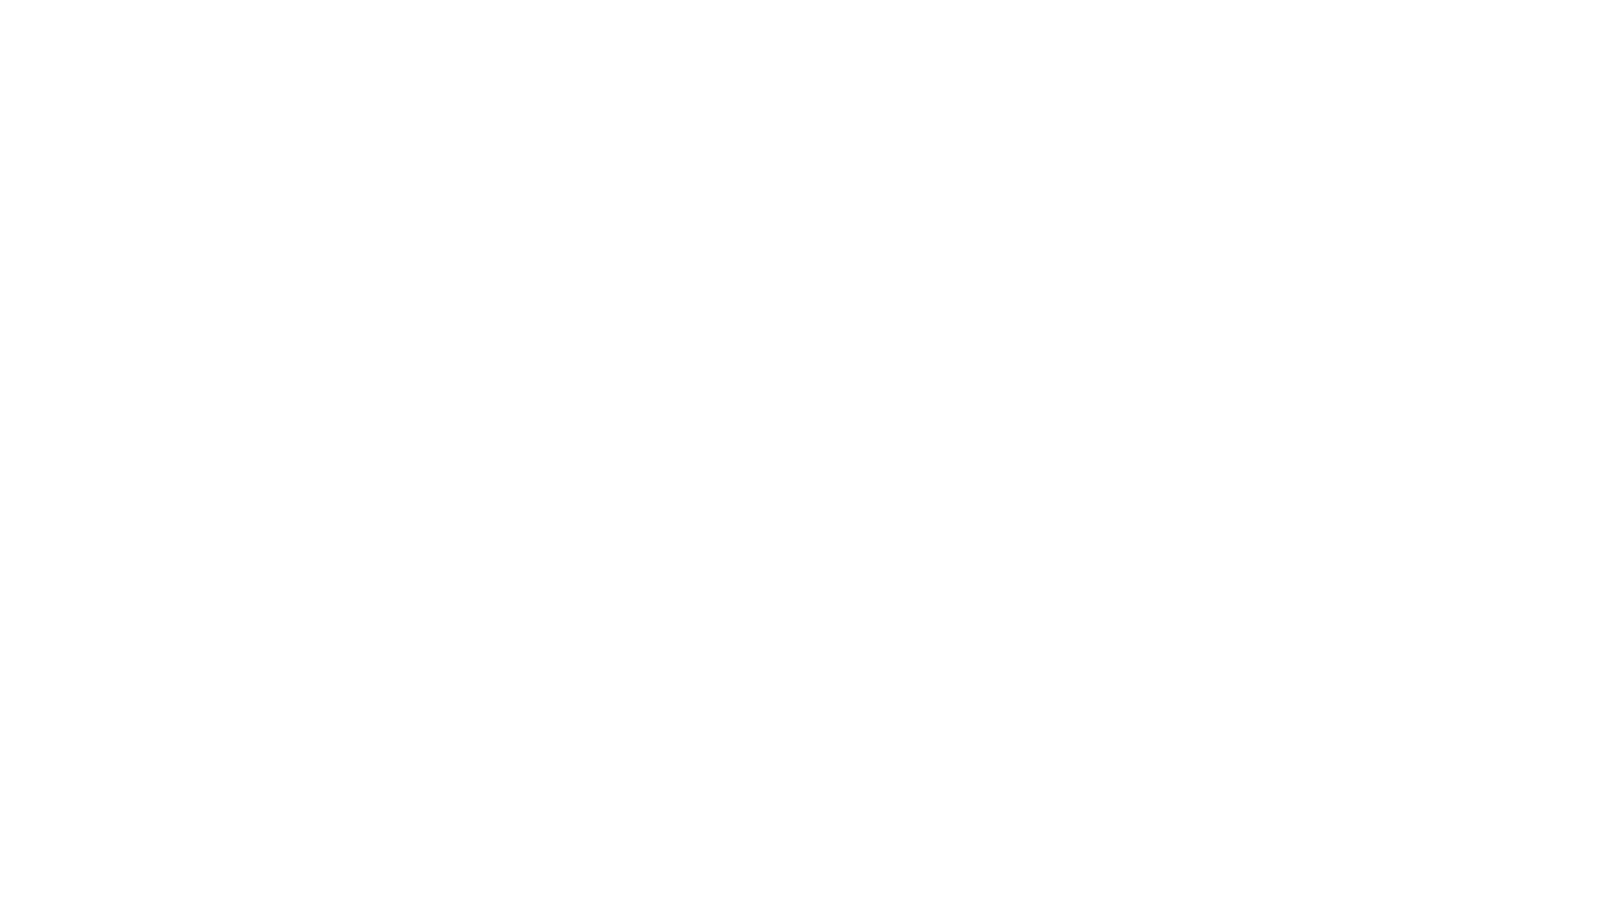 L'Aimo, l'Associazione Italiana Medici Oculisti, ha consegnato un importante premio umanitario al nostro Claudio Bondi, per l'organizzazione delle missioni sanitarie per la cura delle patologie degli #occhi nei Paesi in via di Sviluppo #Africa #Worldmedicalaid